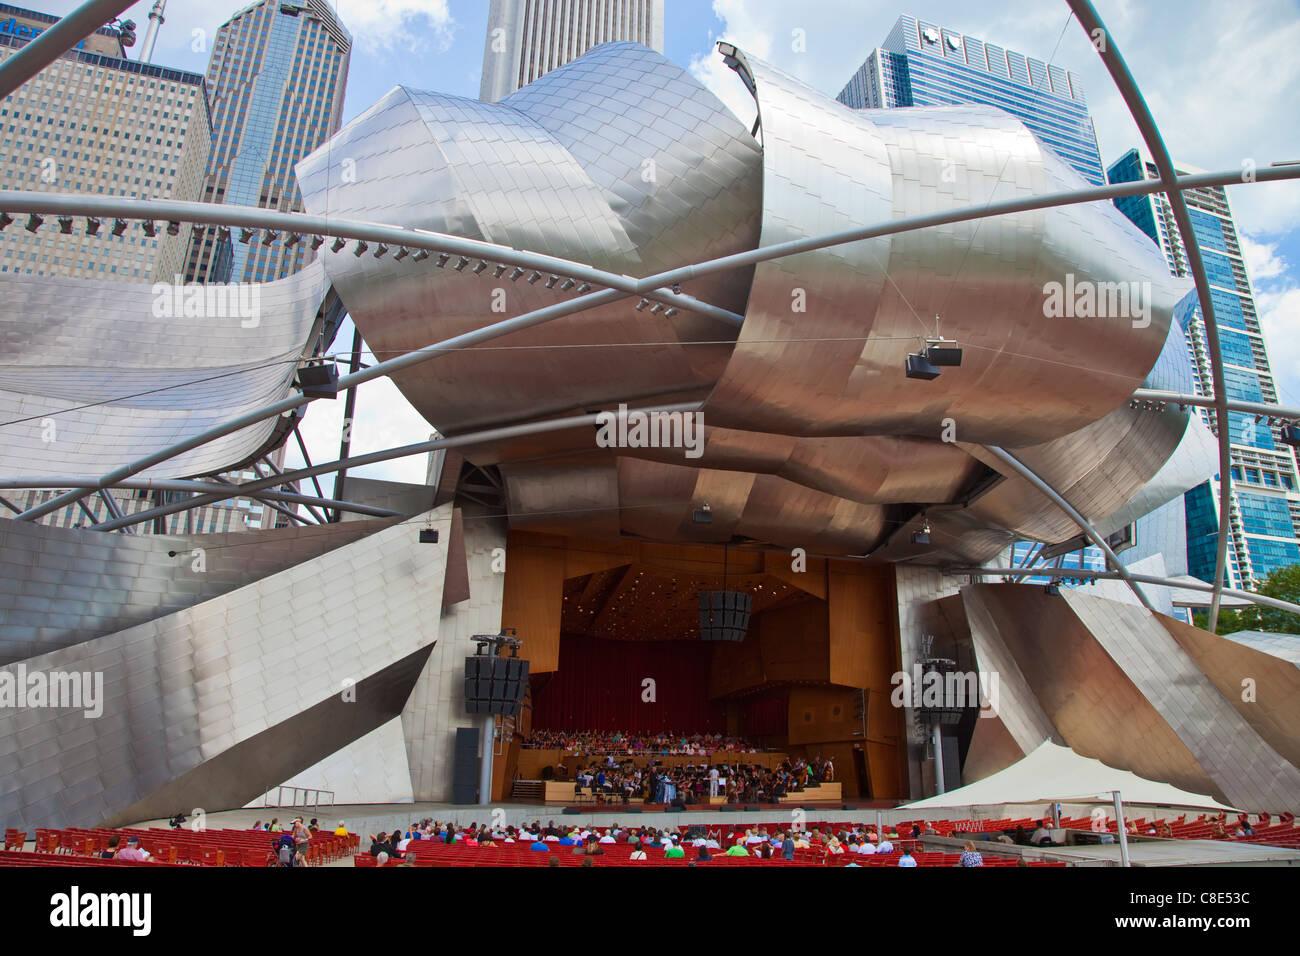 Pavillon Jay Pritzker conçu par Frank Gehry, le Millennium Park, Chicago, Illinois, USA Photo Stock